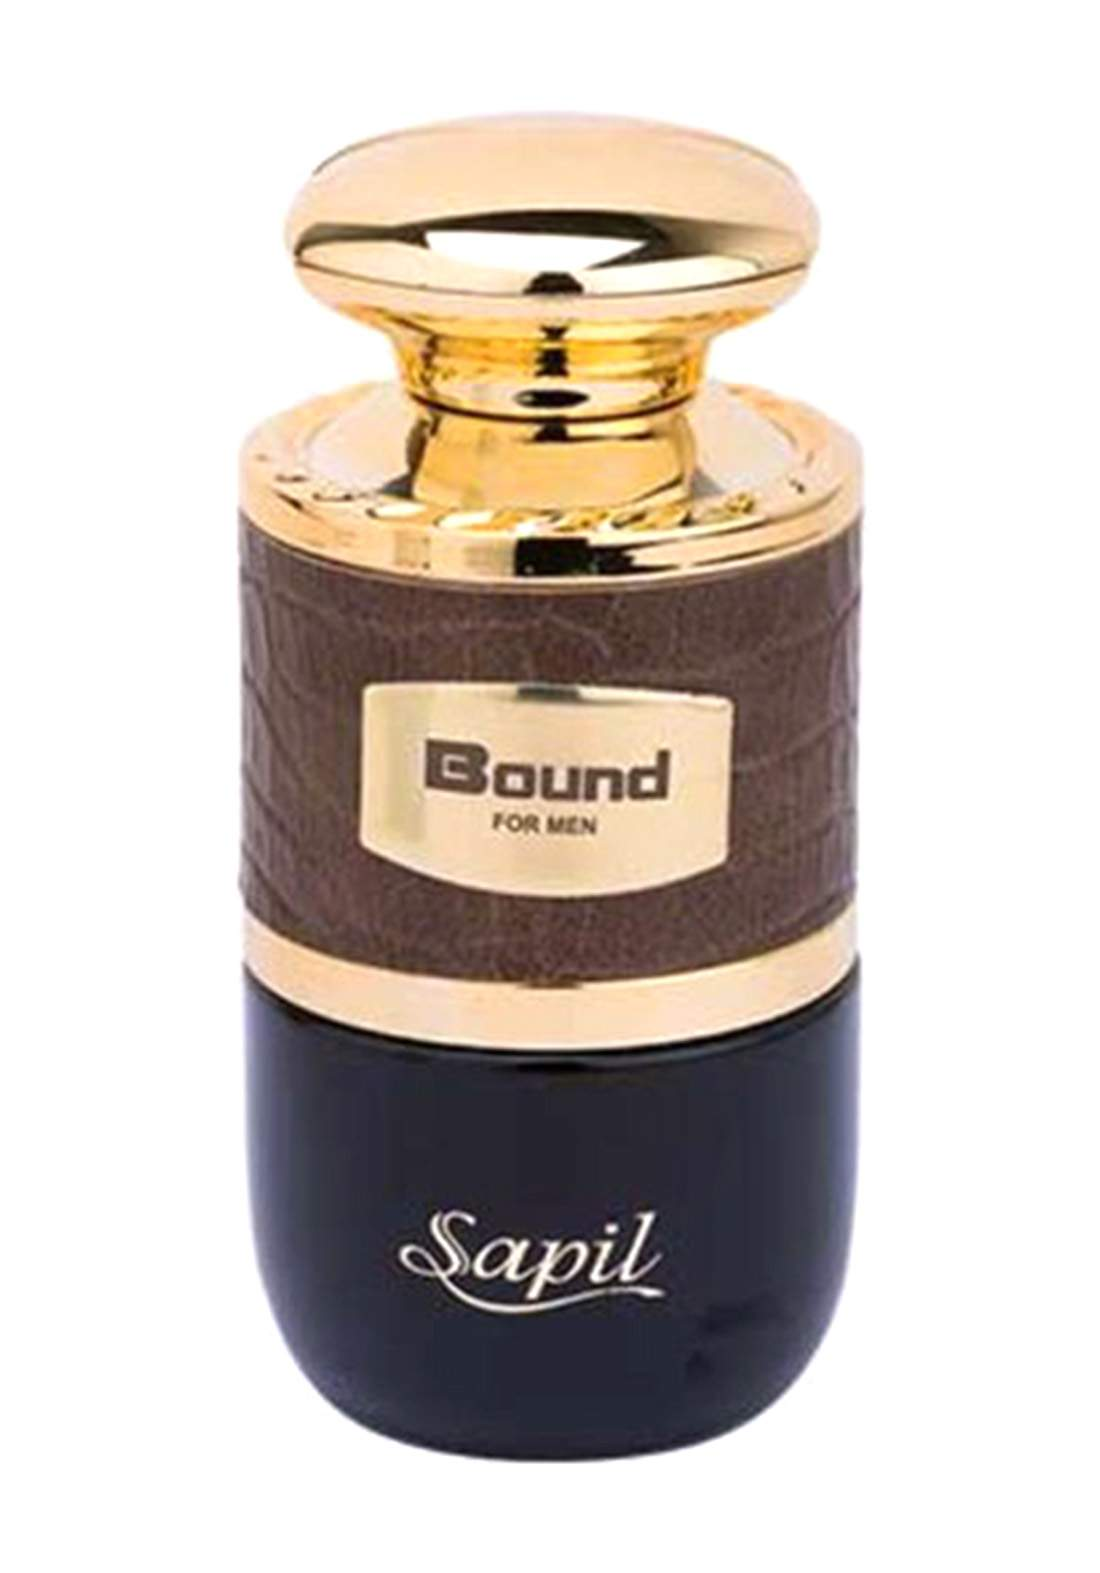 Bound 1168 Eau De Toilette Perfume Cologne For Men  100ml    عطر رجالي